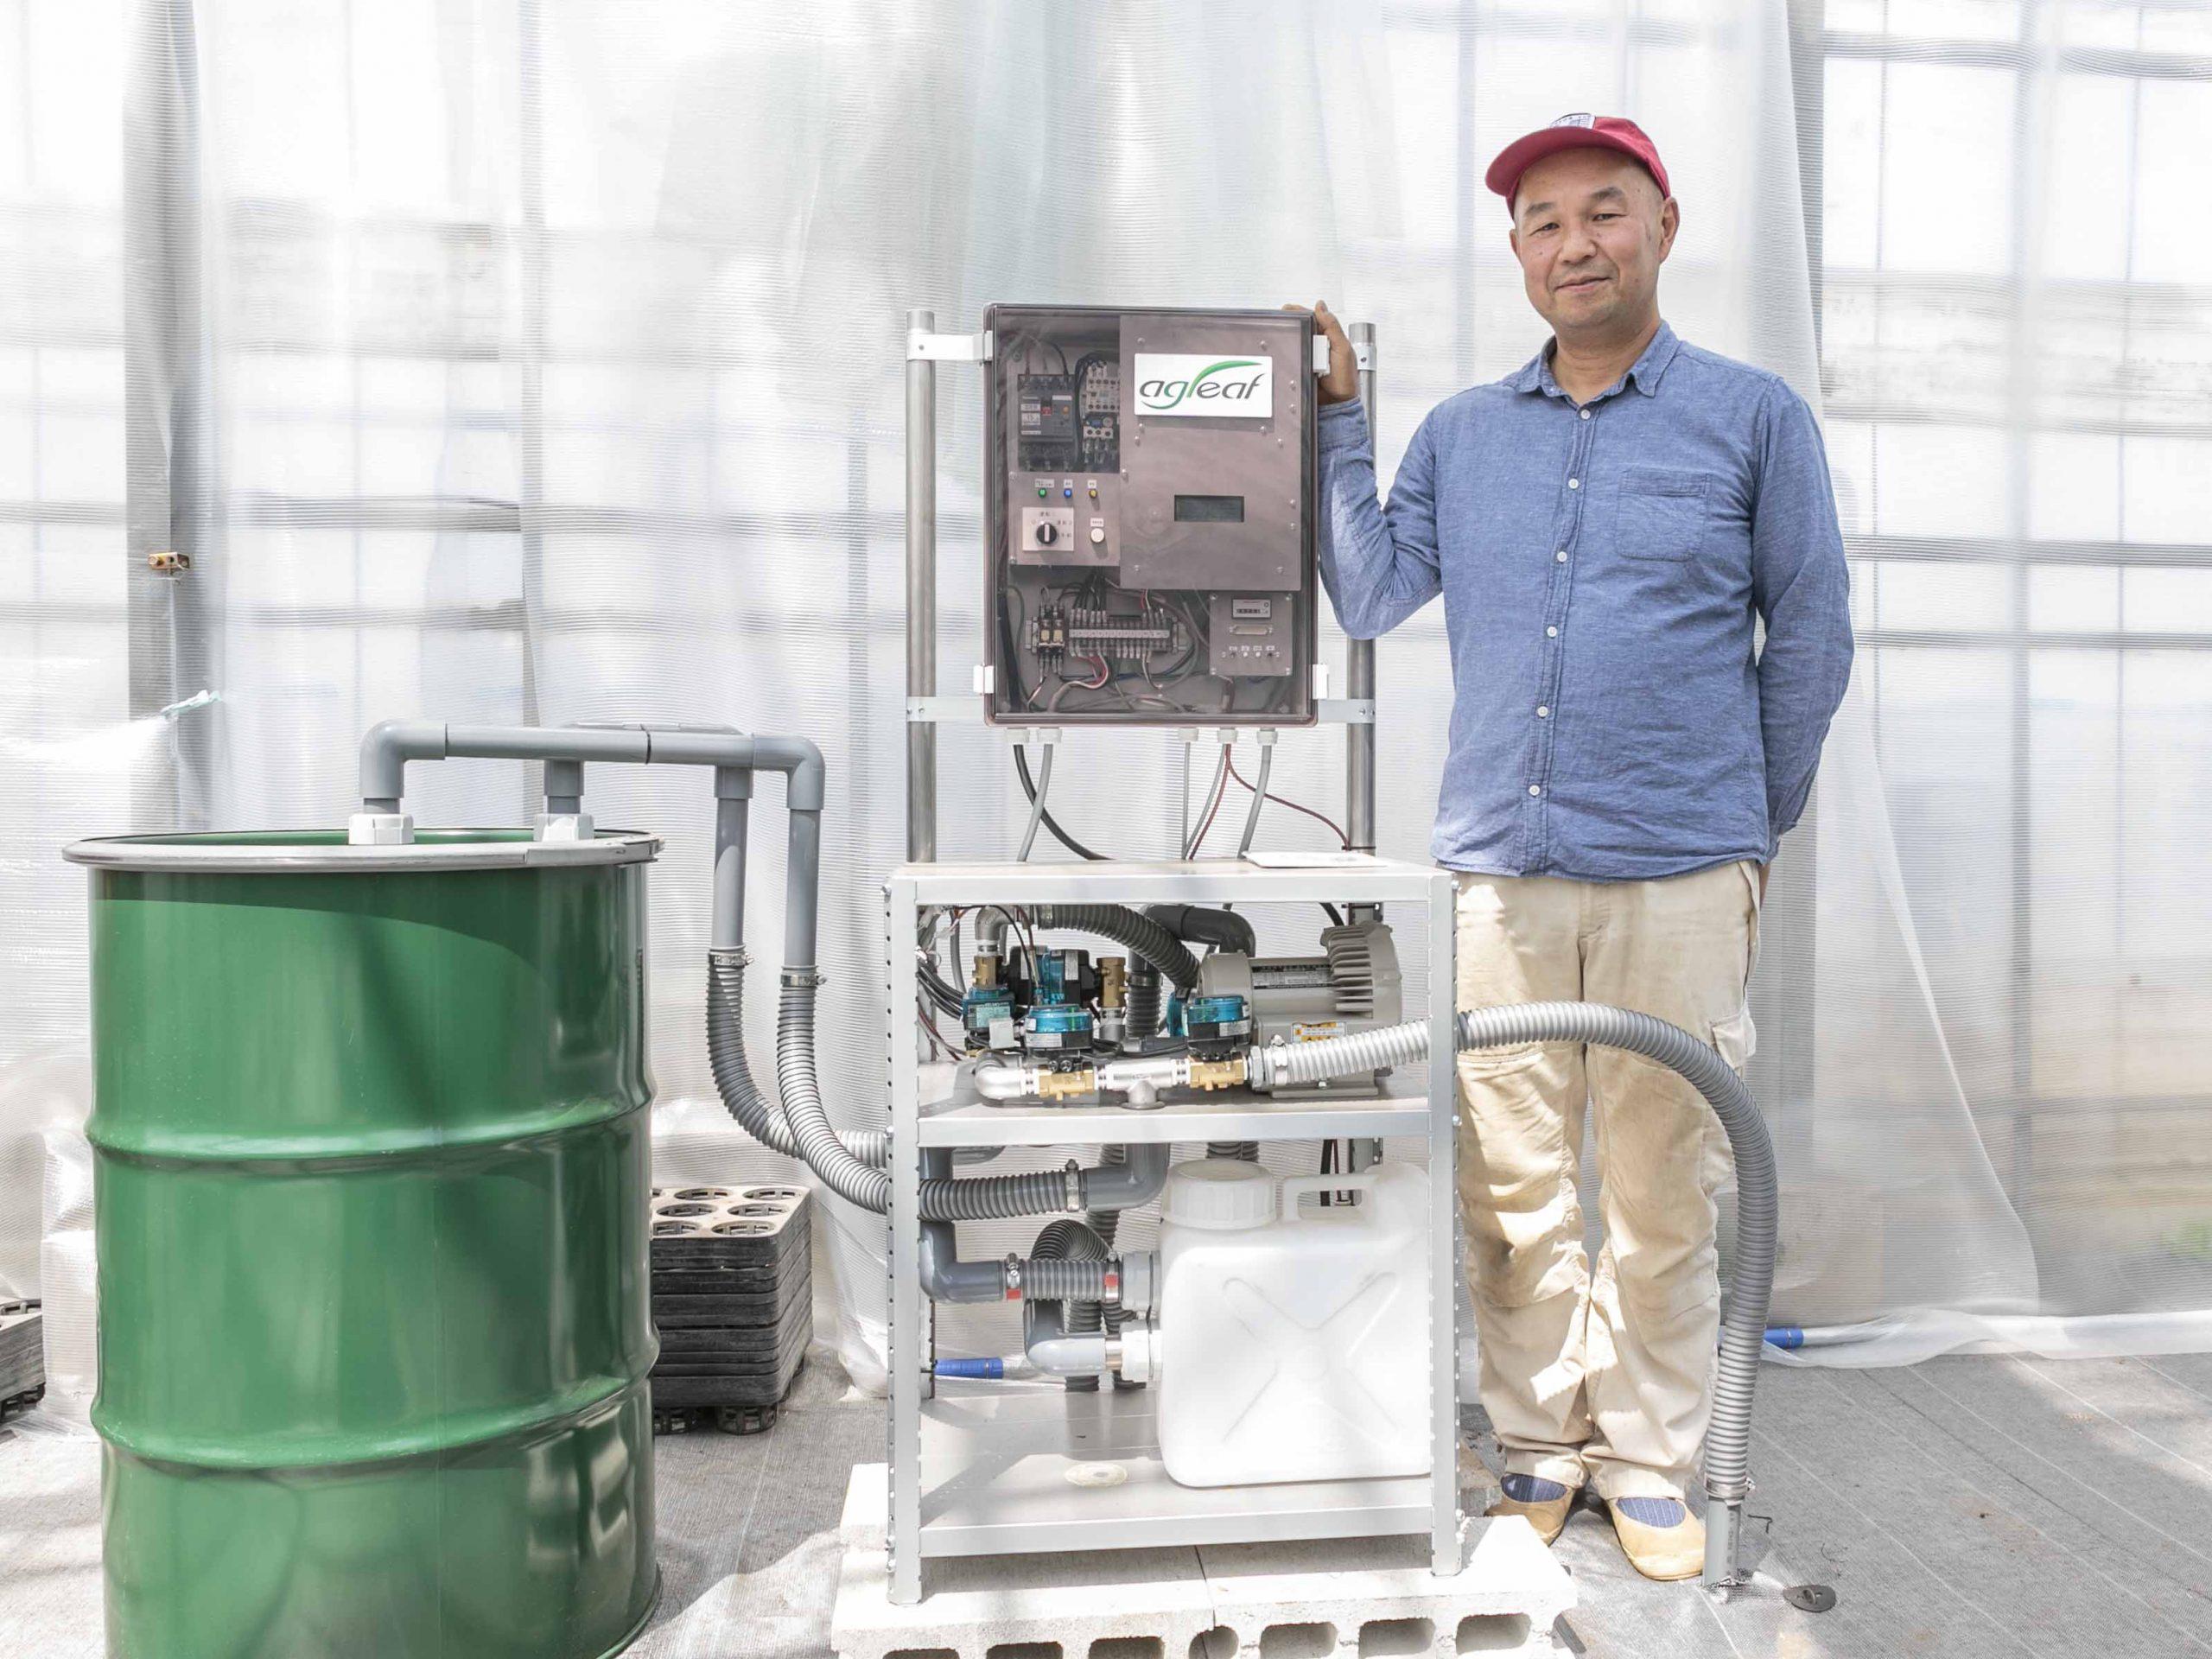 『環境と経済を両立』 SDGsに取り組むトマト農家が選んだ、燃油を使わないCO<sub>2</sub>施用装置とは?